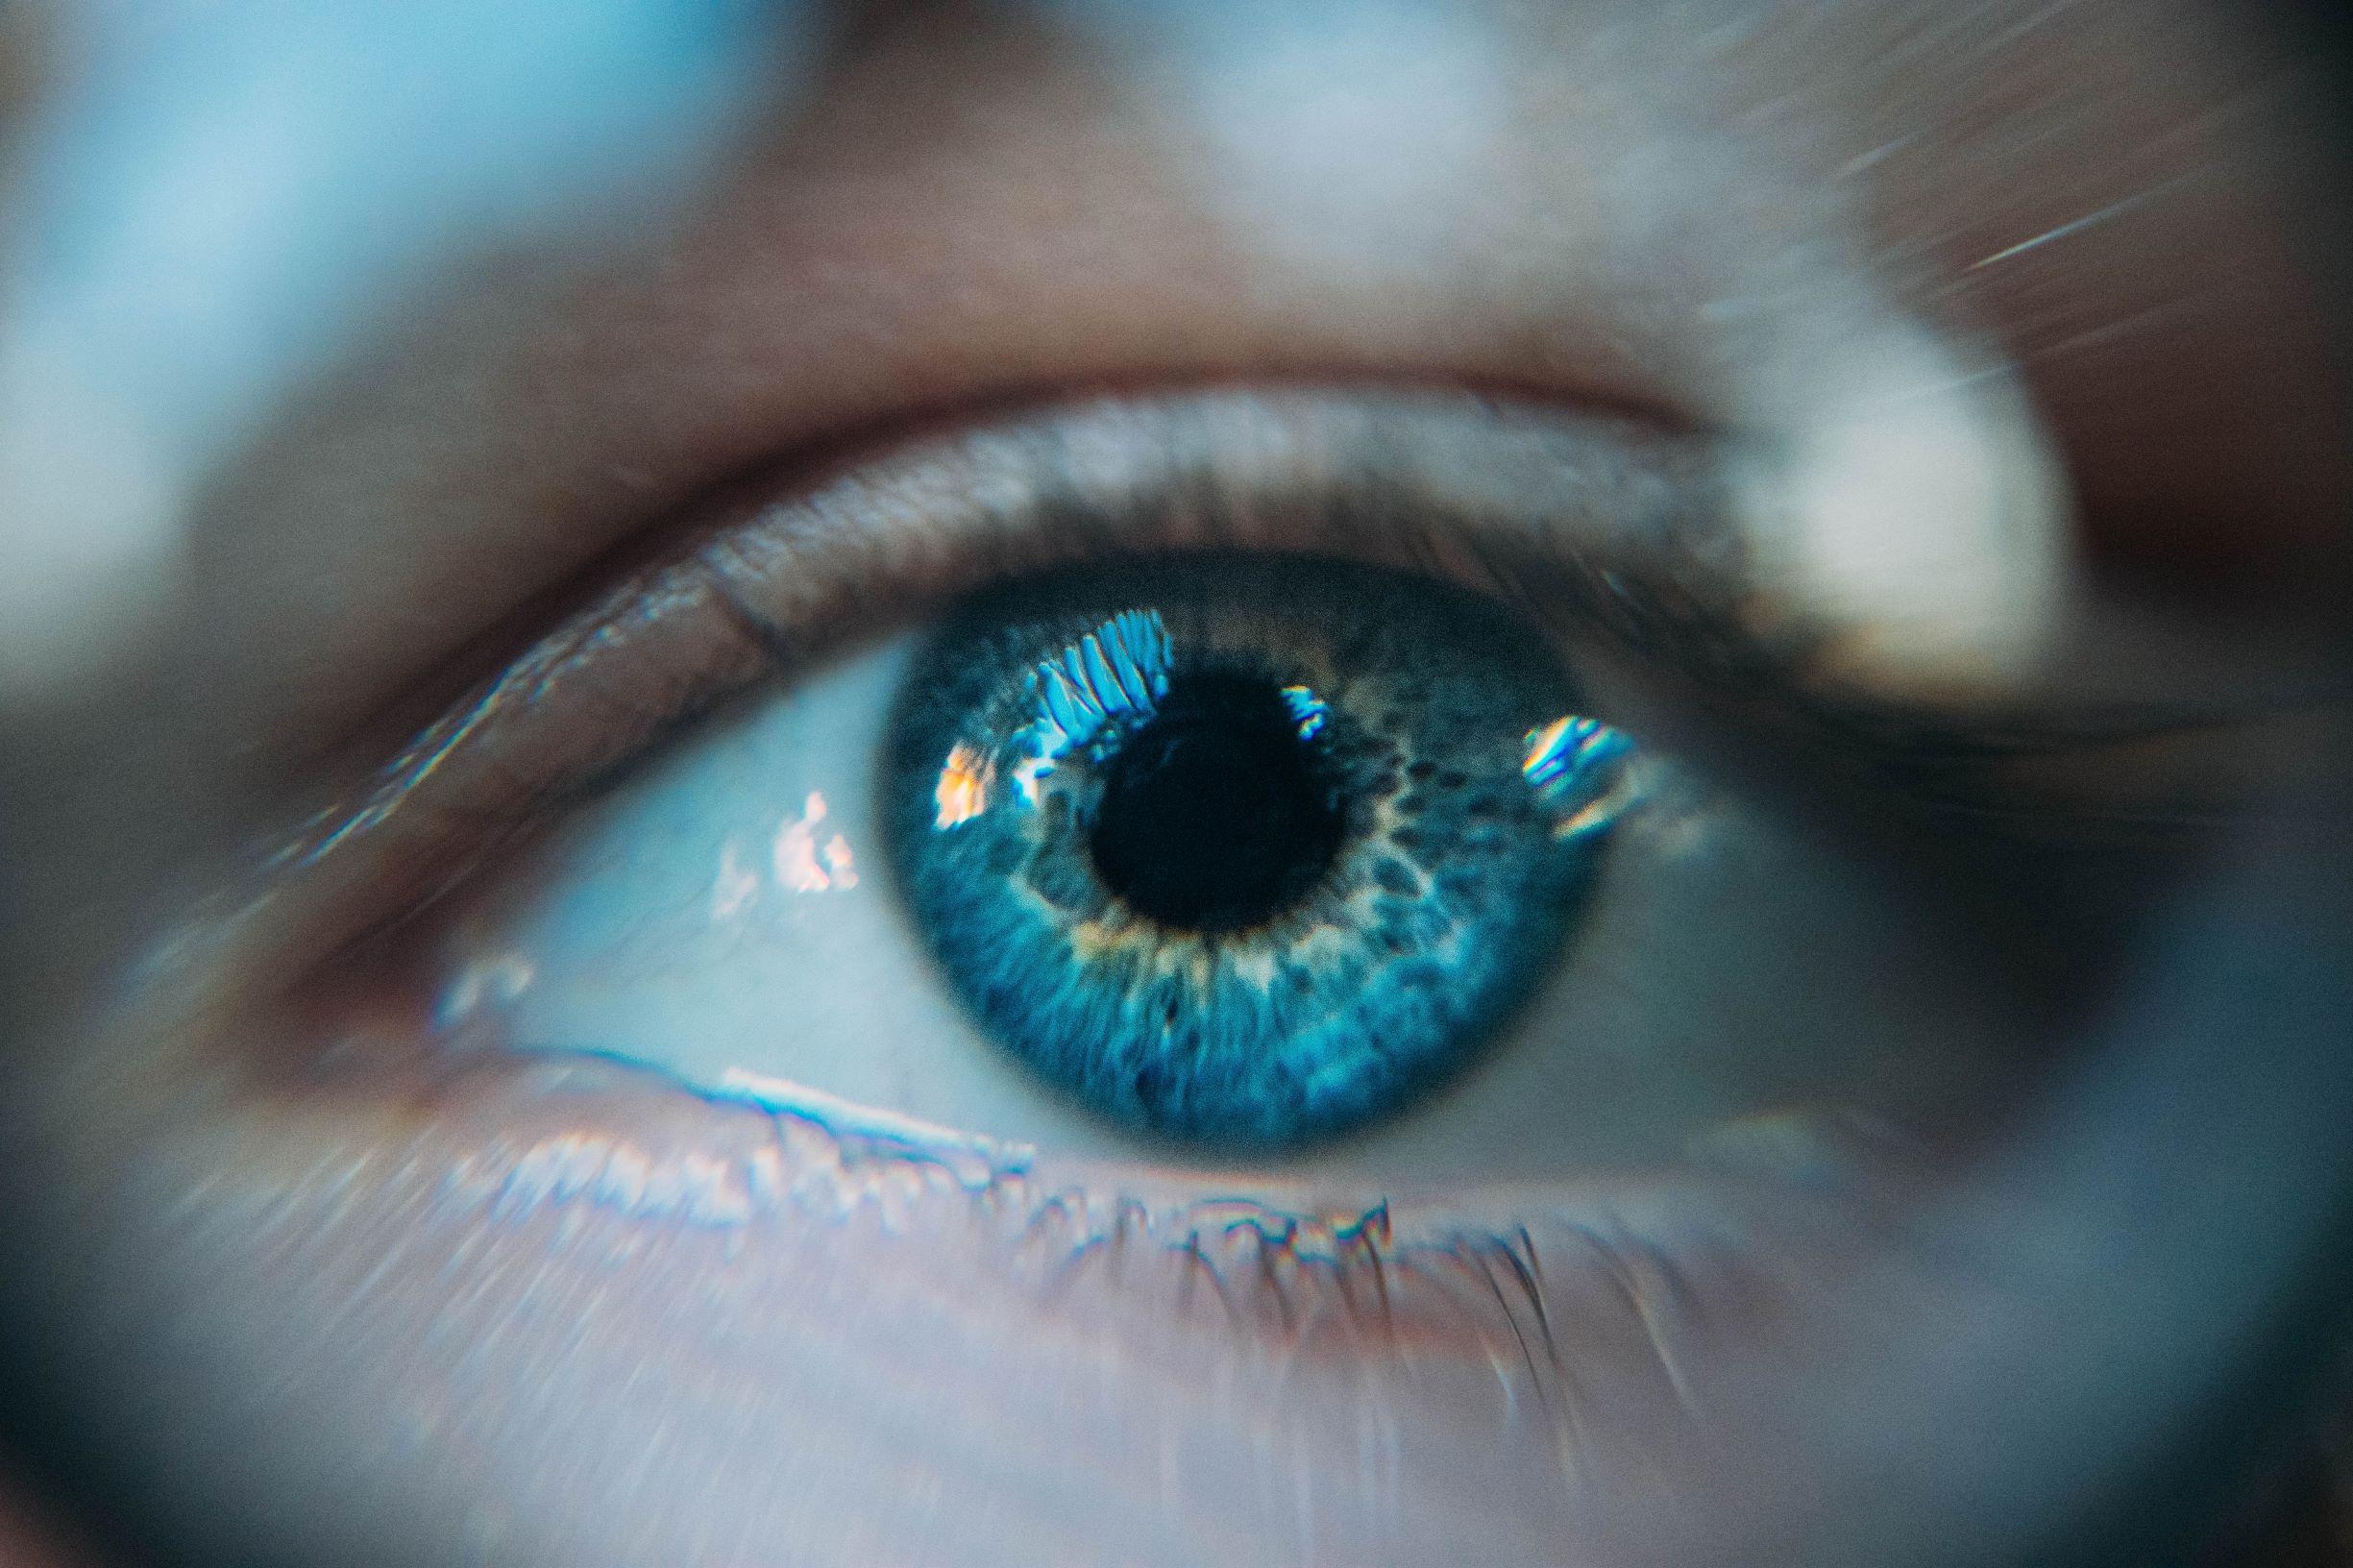 FinnGen-tutkimuksessa löydettiin silmänpainetaudilta suojaava, suomalaisilla yleinen geenimuoto